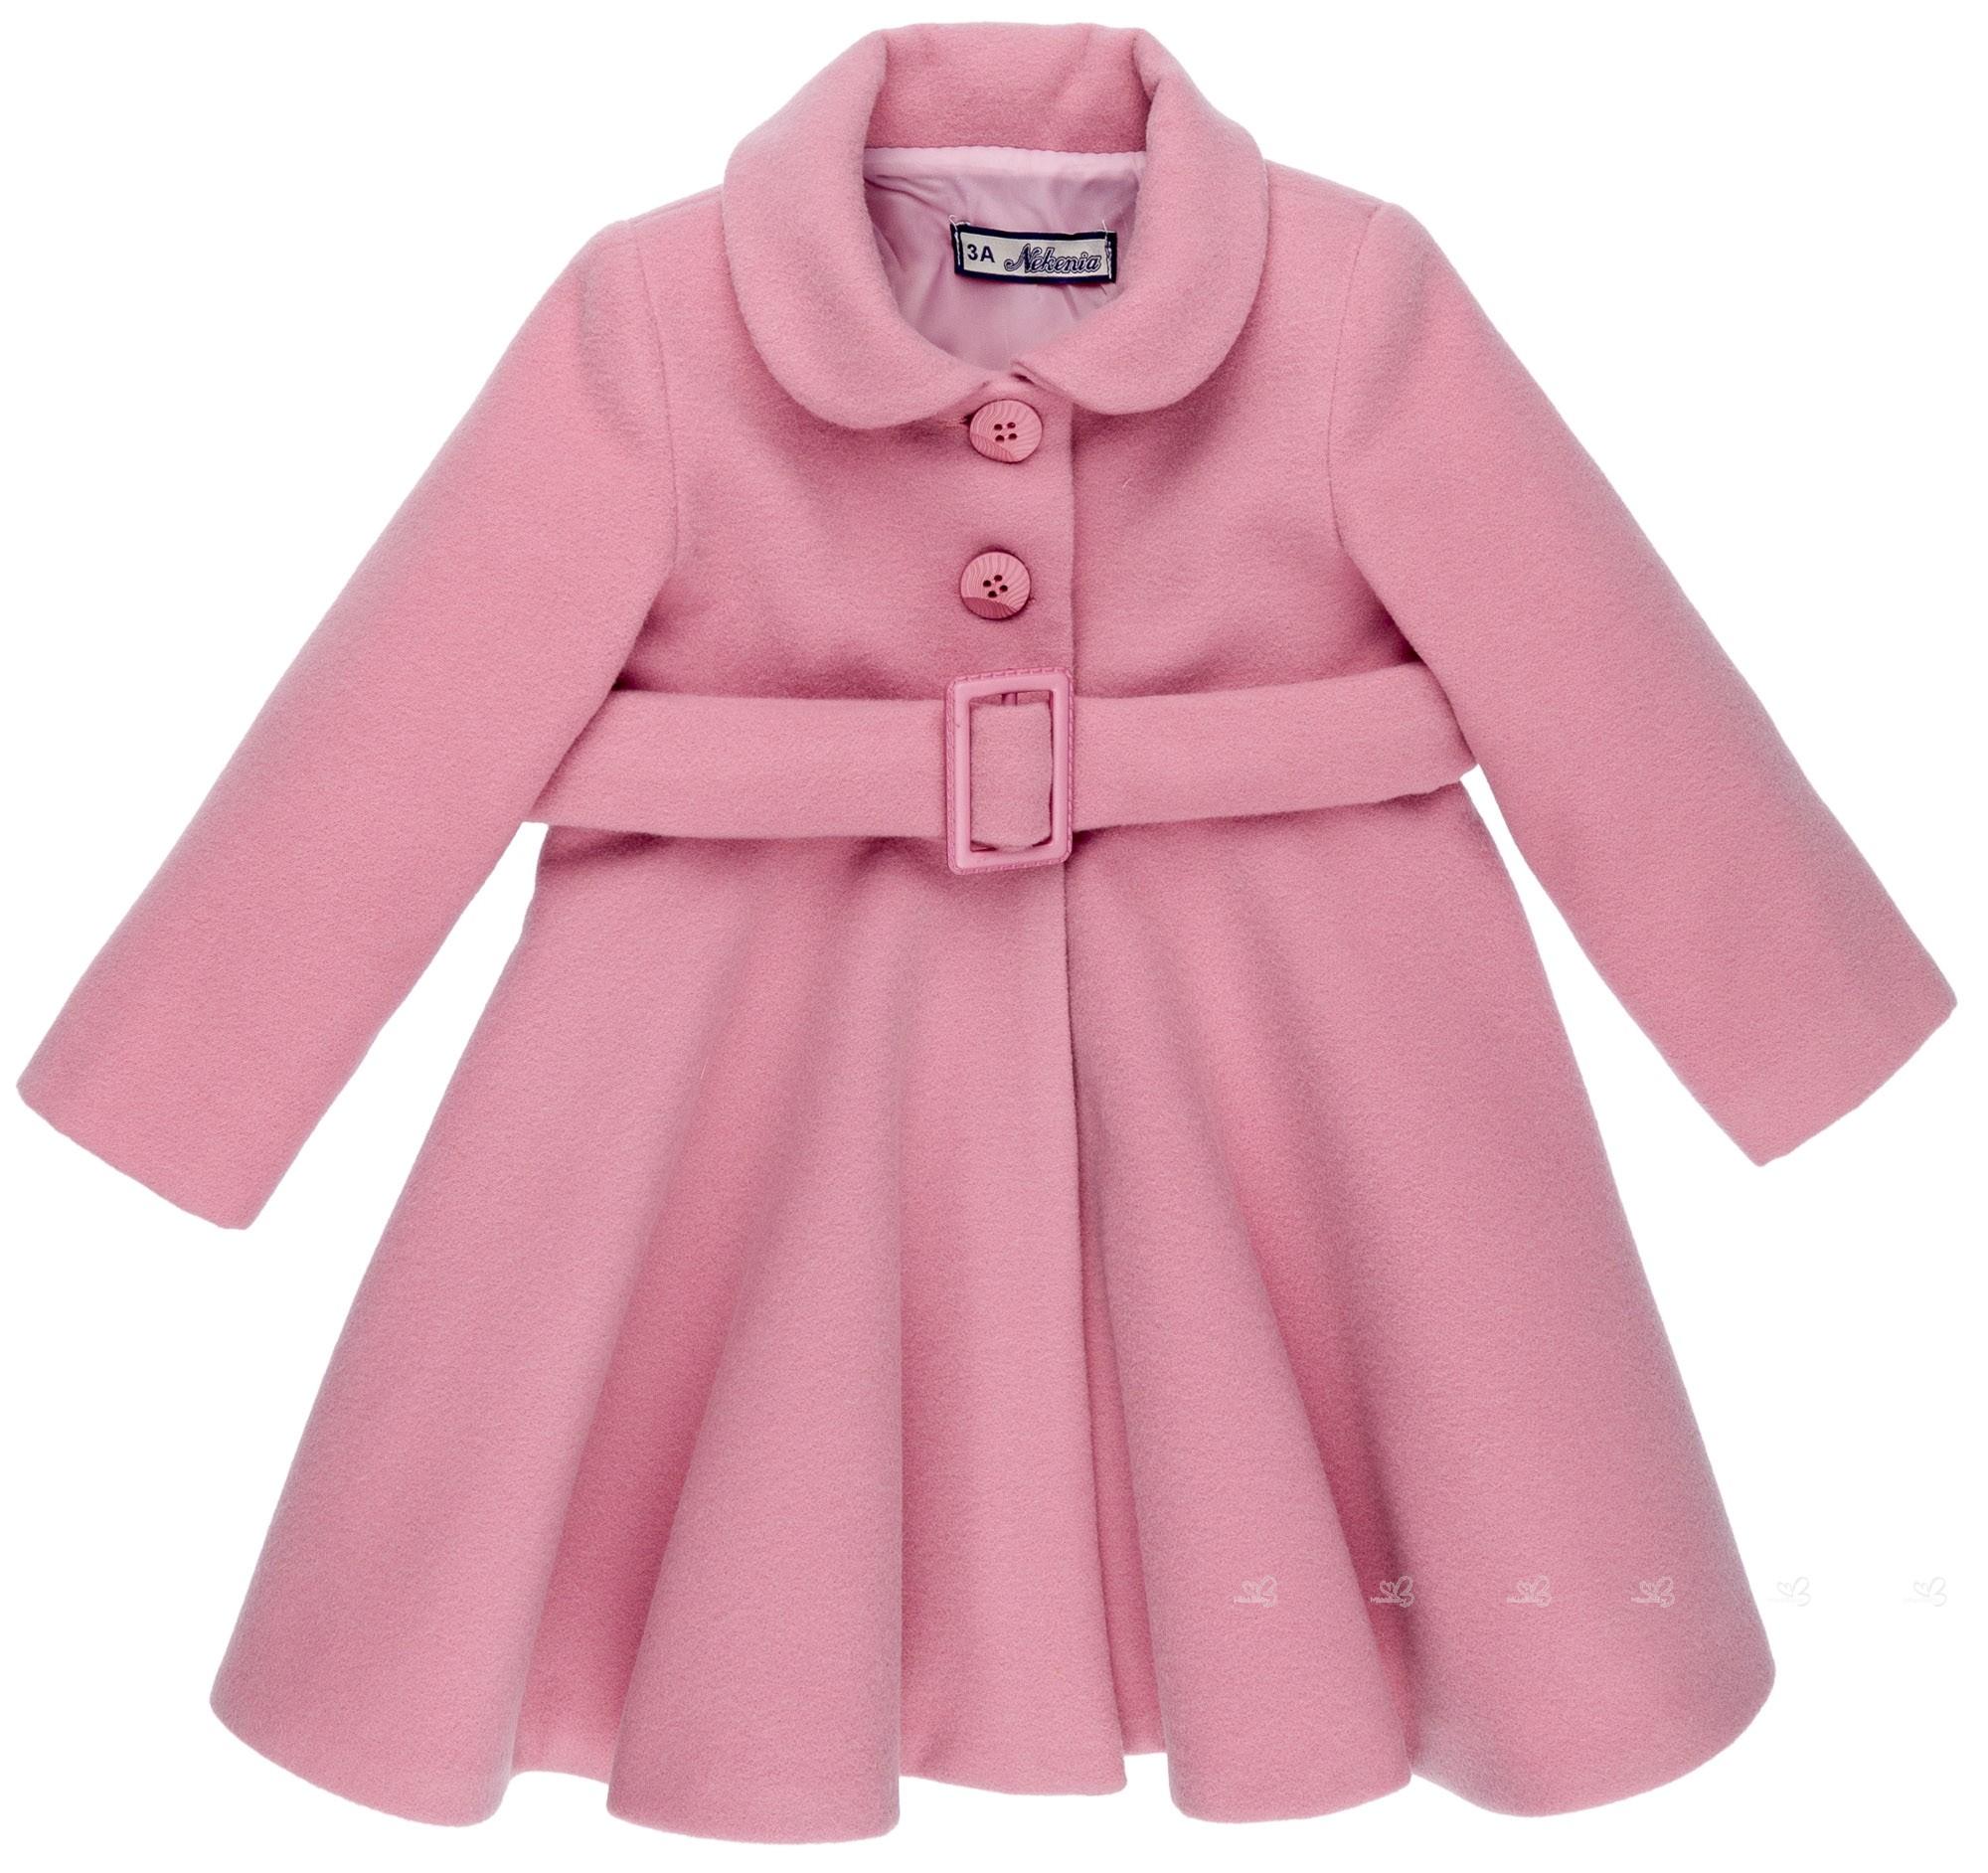 nuevo estilo mejor precio para auténtico Abrigo Niña Paño & Cinturón Rosa Palo